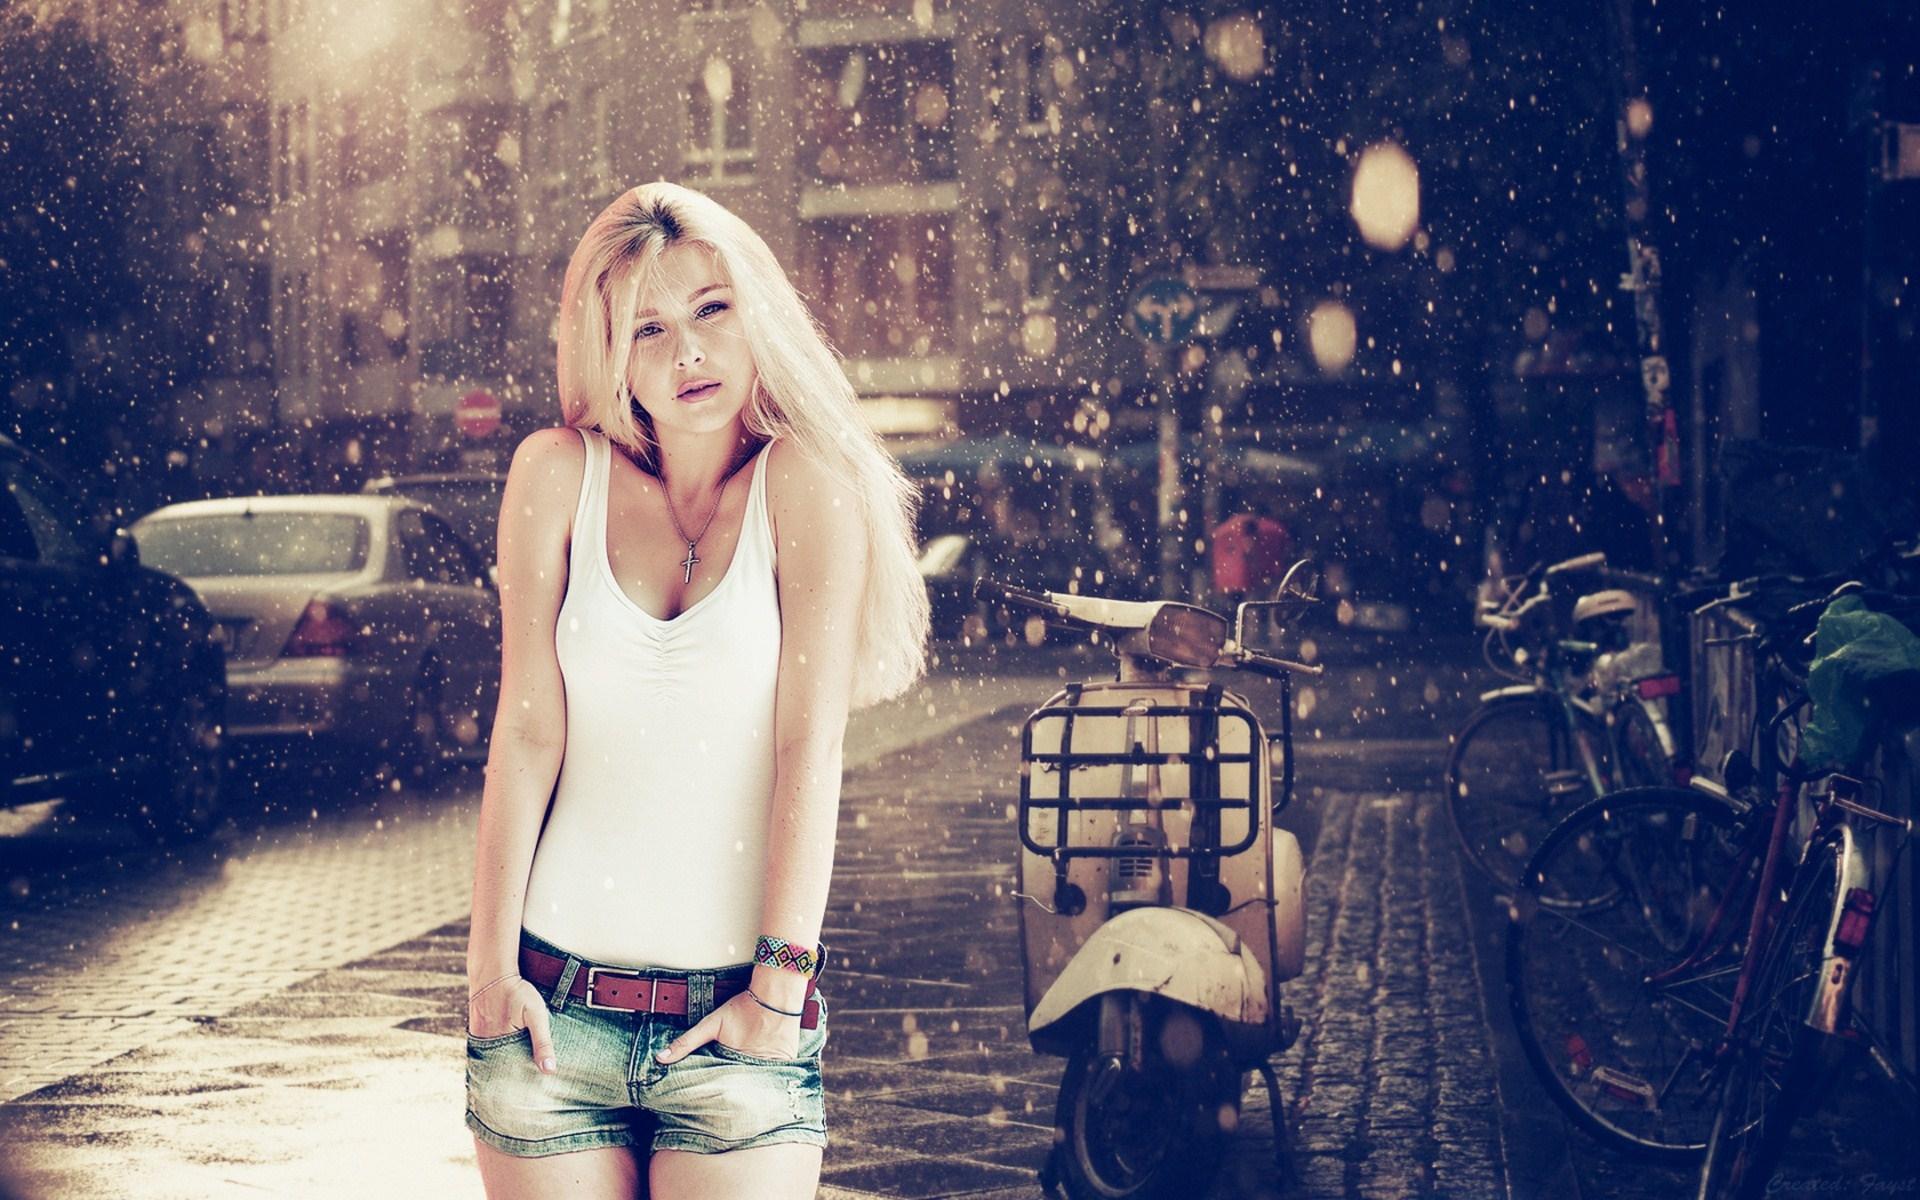 London Street Scooter Rain Lovely Blonde Girl Photo 0469